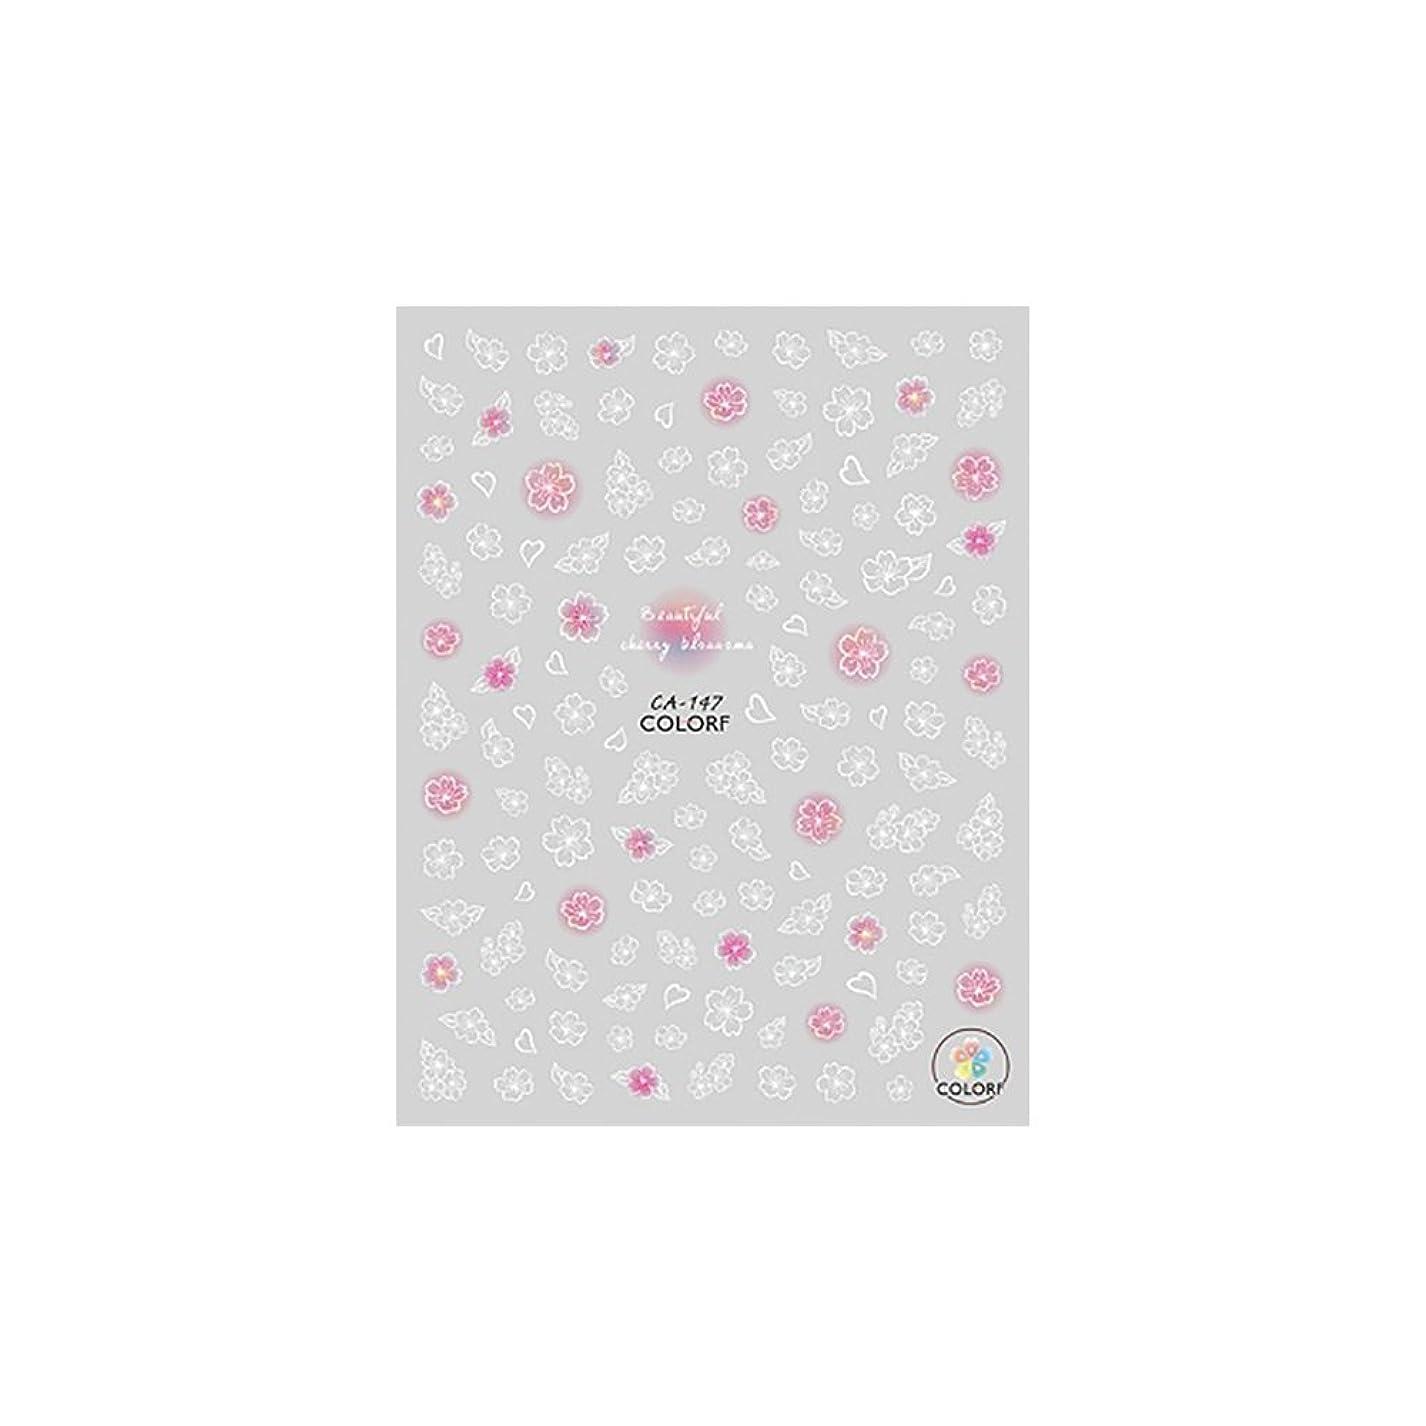 アカウント発音する乳白【CA-147】 桜吹雪ネイルシール ホワイト